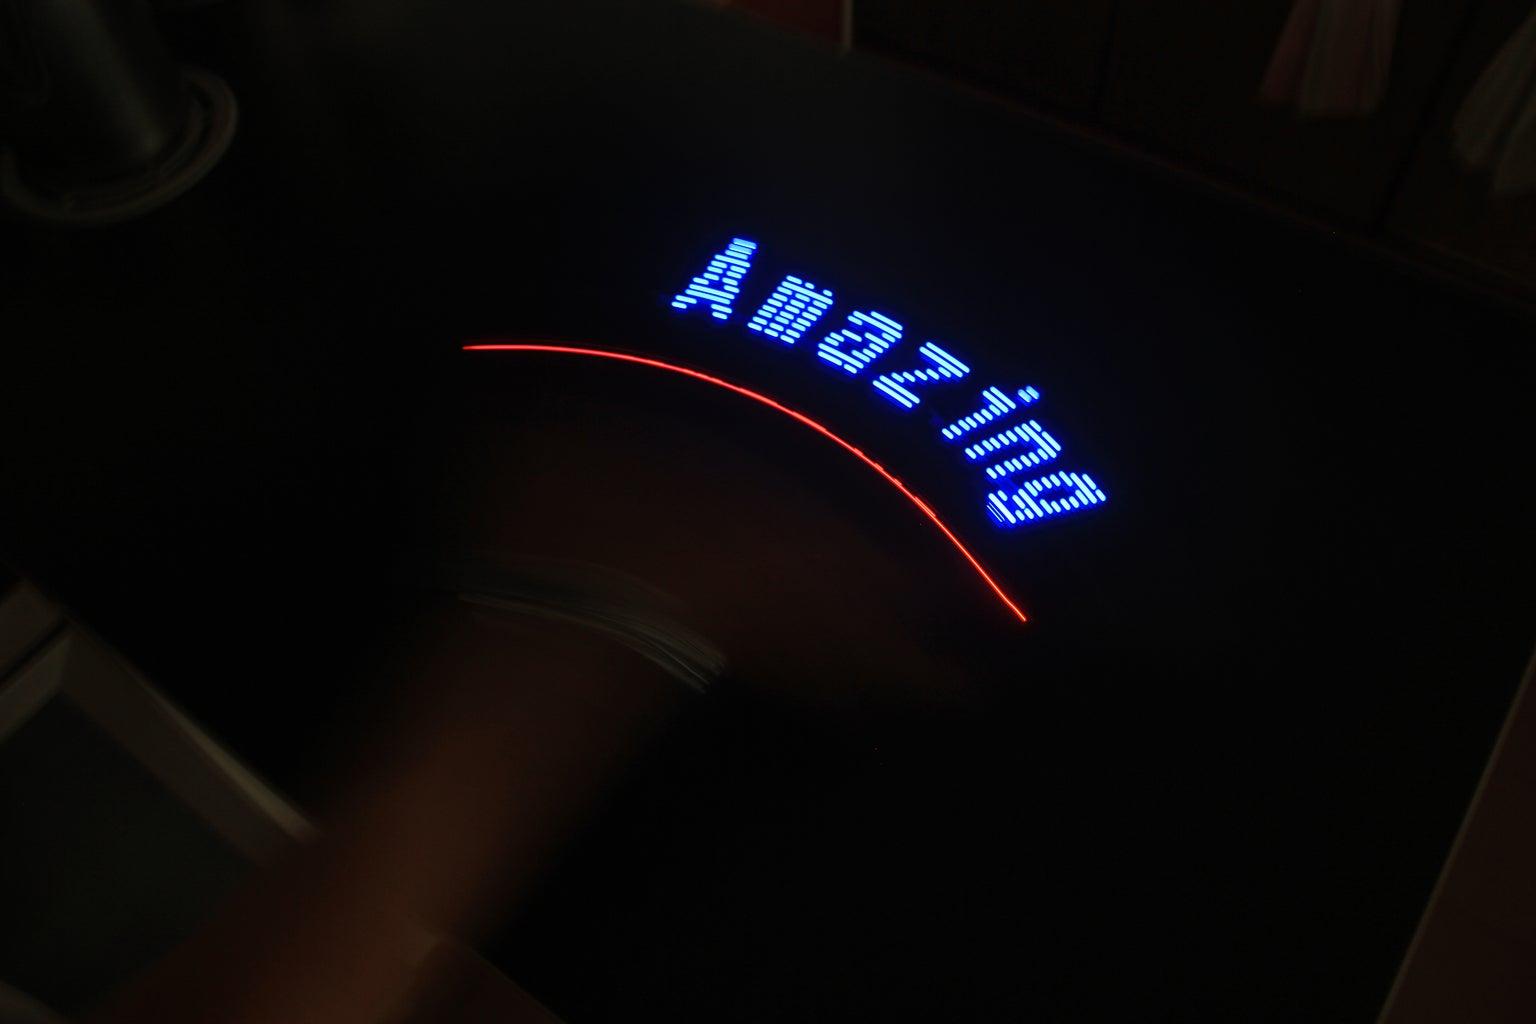 POV Demo #1 - Arduino Program Code